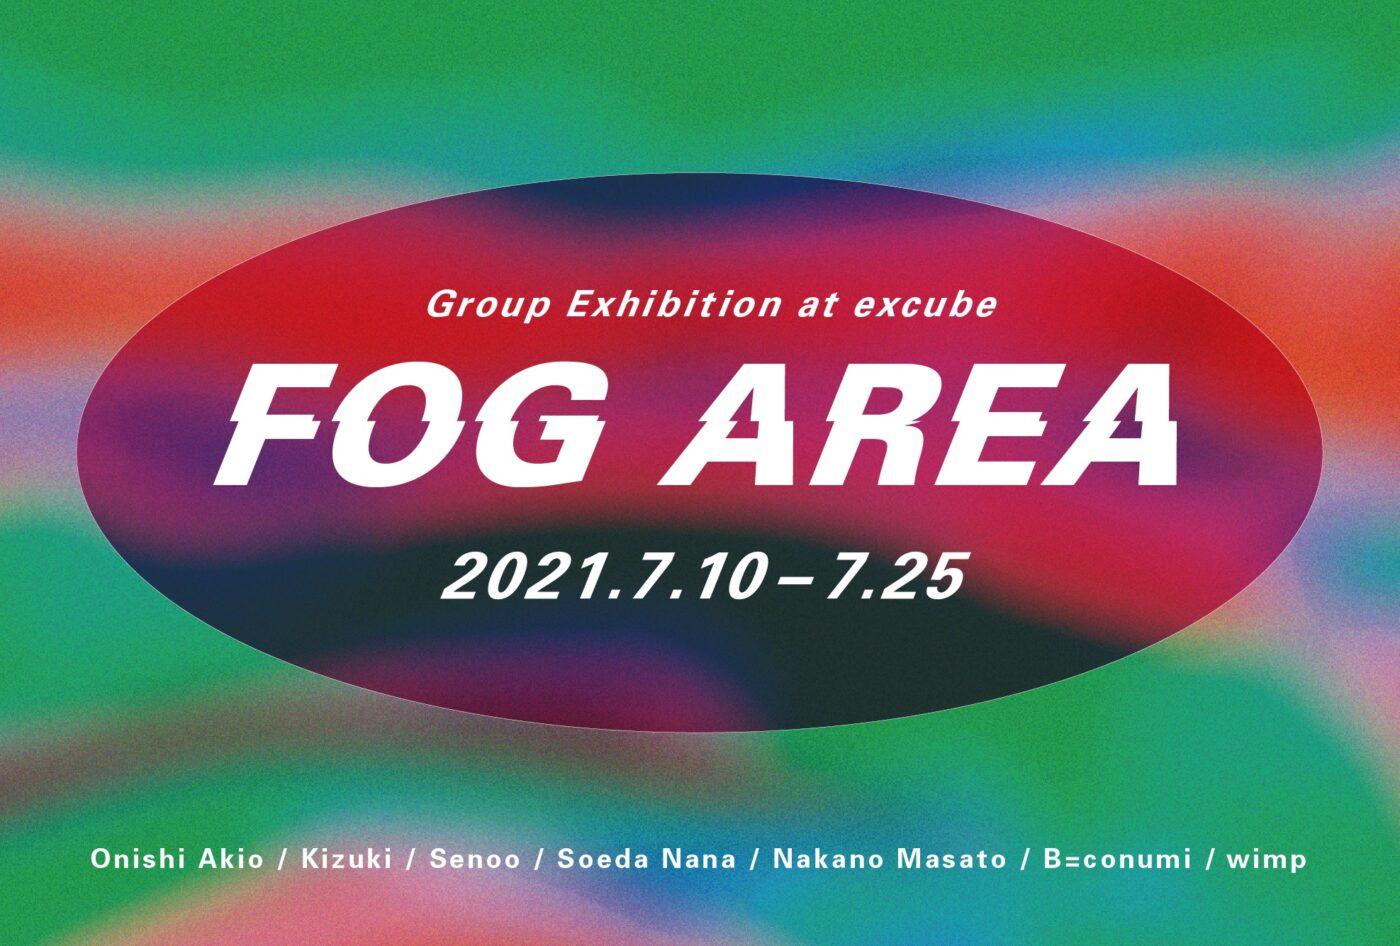 グループ展「FOG AREA」、excubeにて開催。コロナ禍の中で漂うさまざまな違和感を再認識するために、7名のアーティストが出展。